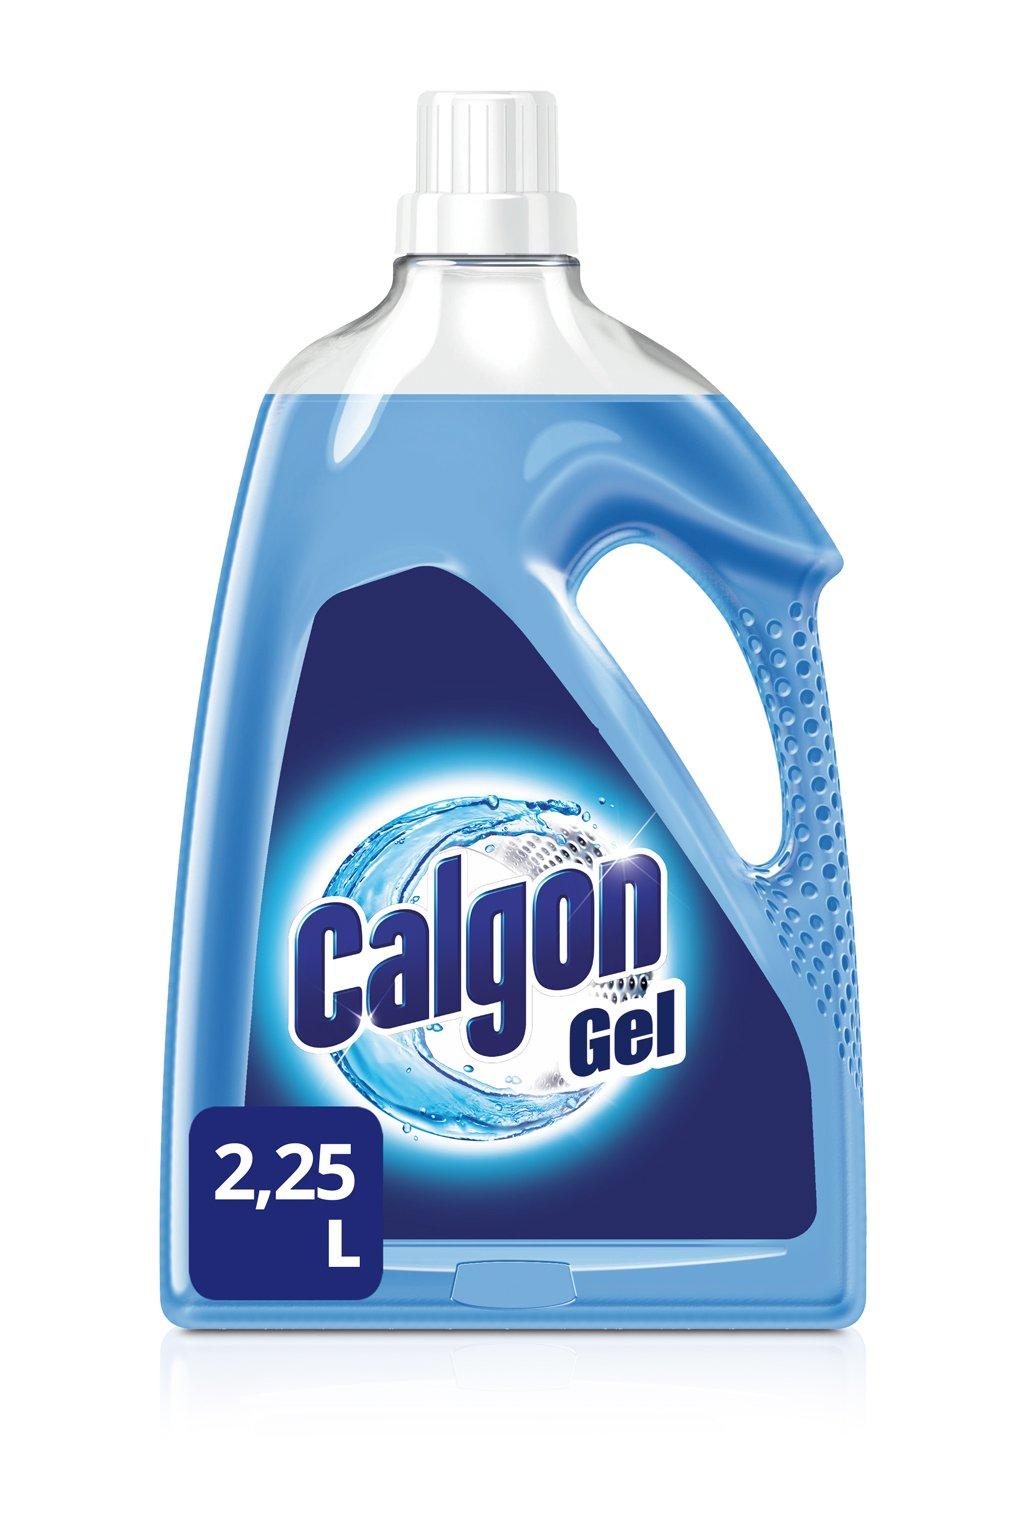 Calgon 3 en 1 Antical Lavadora Gel - 2.25 l product image